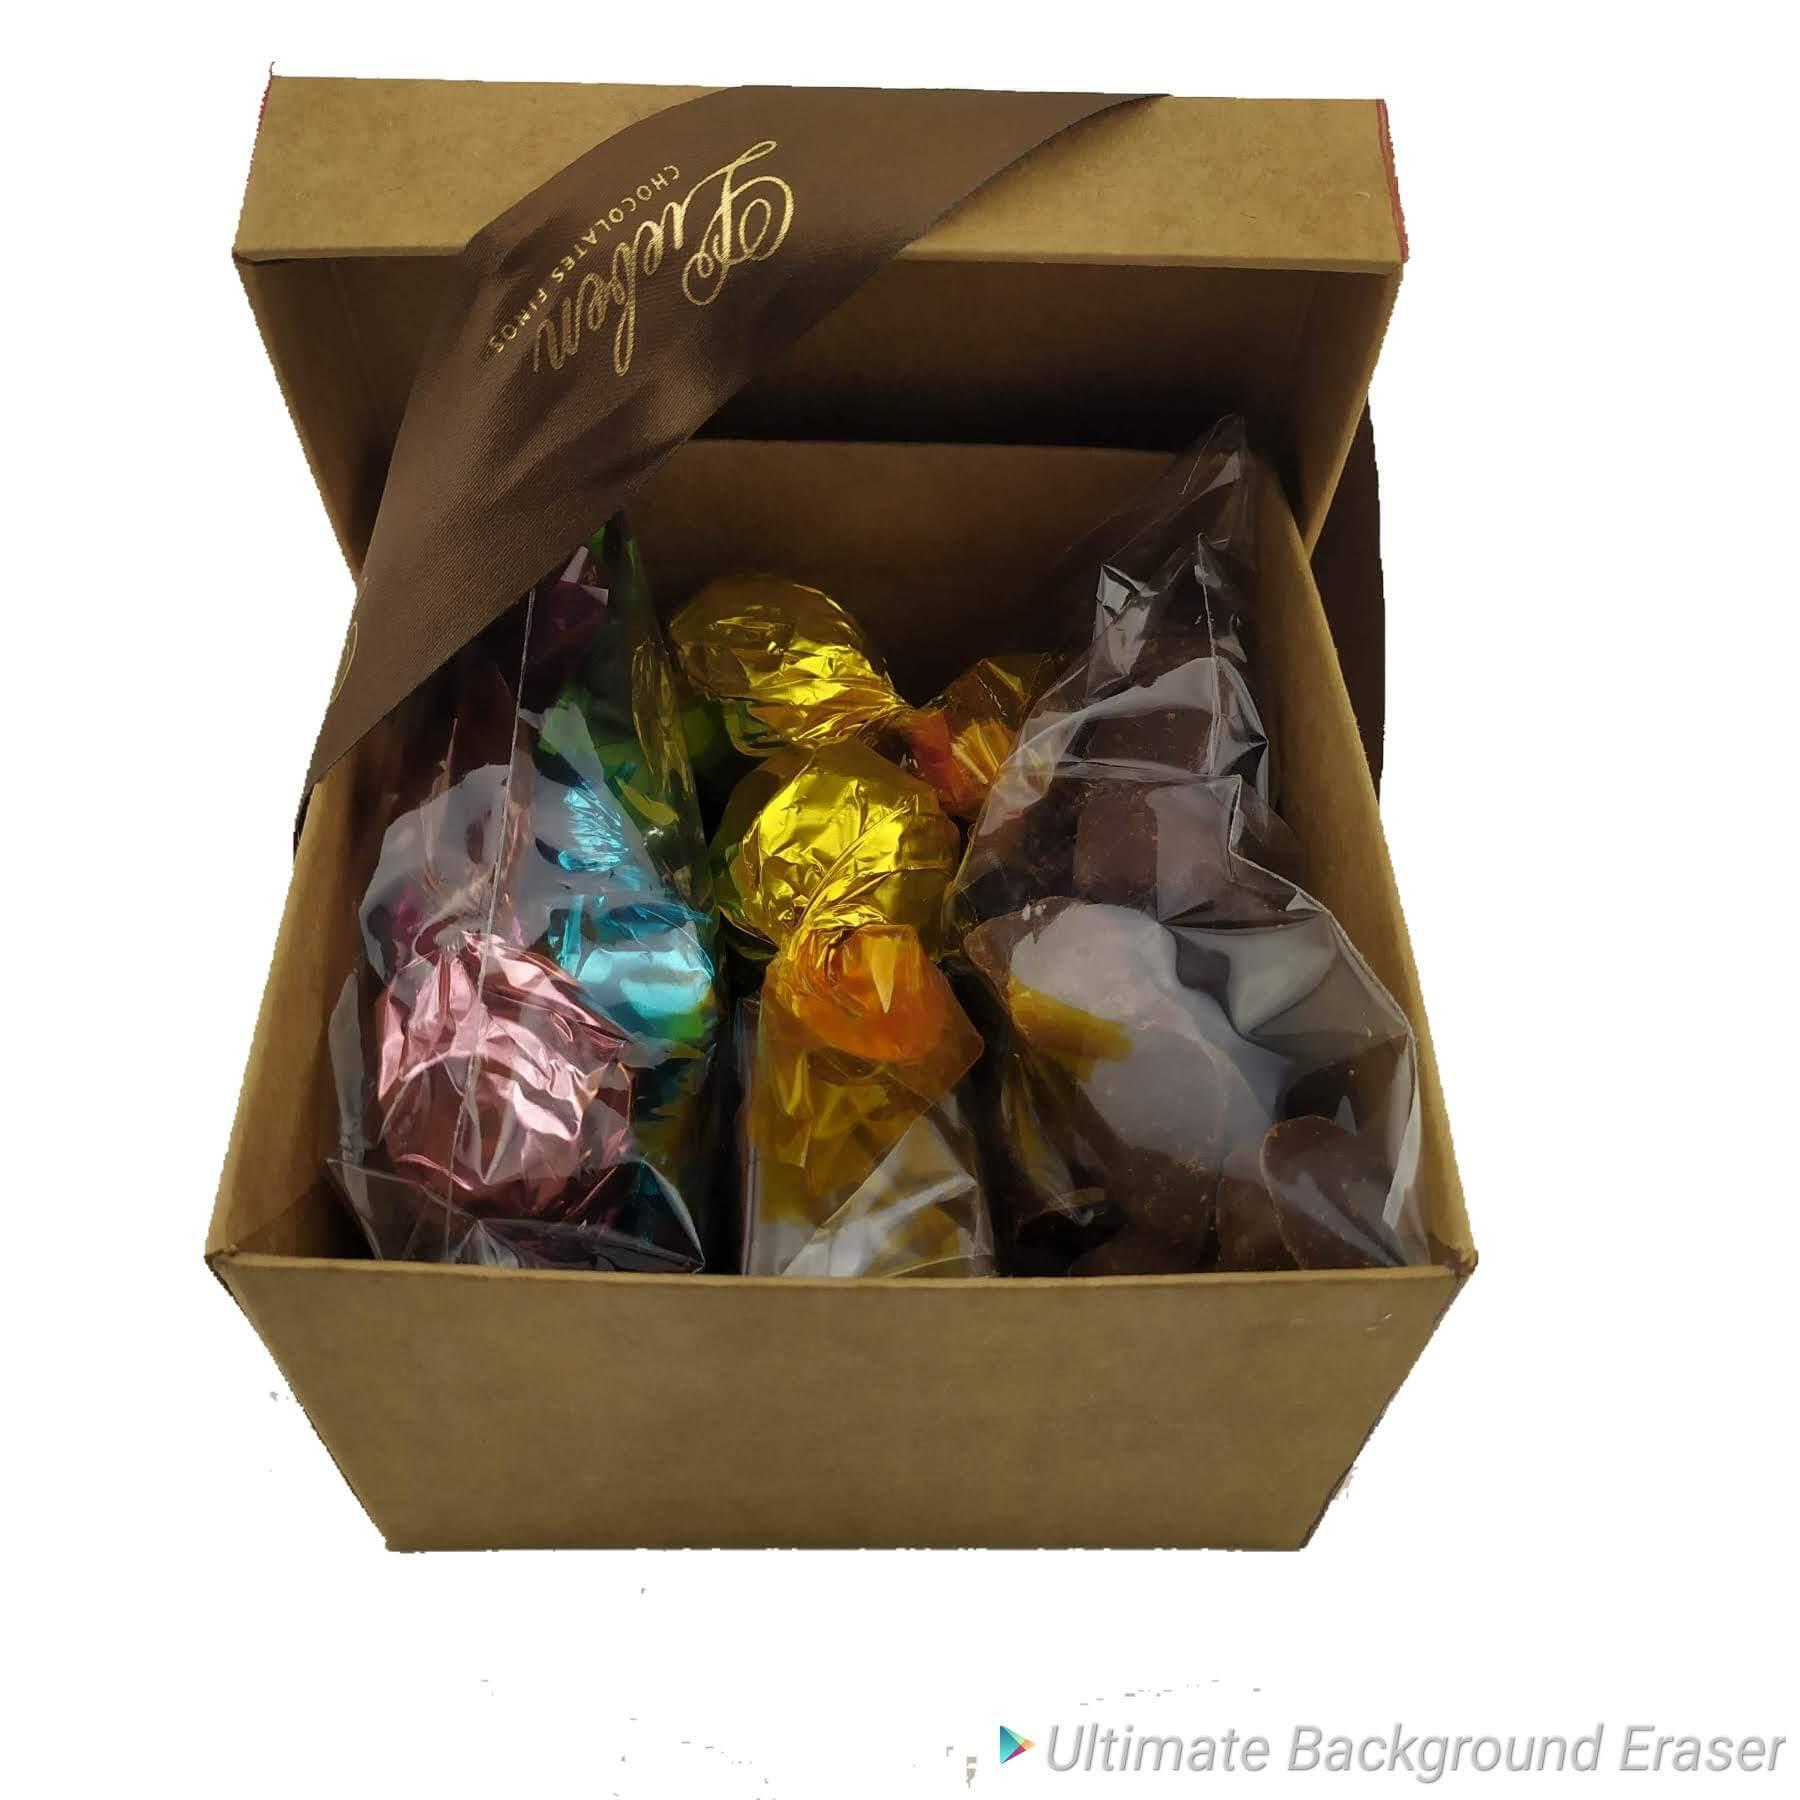 Kit Presente Chocolates Sortidos Pão Mel Presente Namorado Paixão Amor